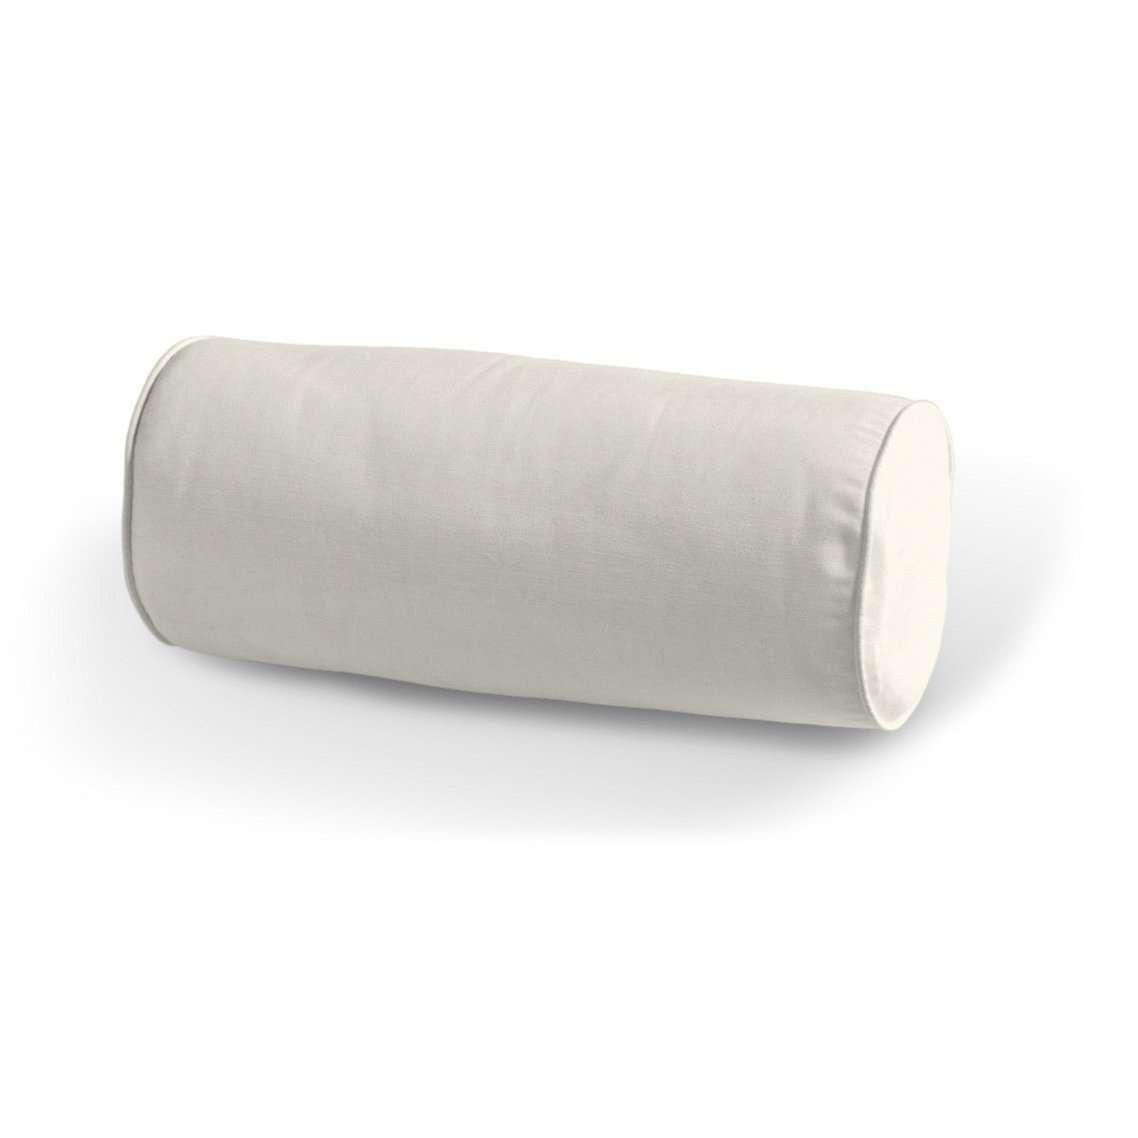 Ritinio formos  pagalvėlės užvalkalas Ø 16 x 40 cm (6 x 16 inch) kolekcijoje Jupiter, audinys: 127-00